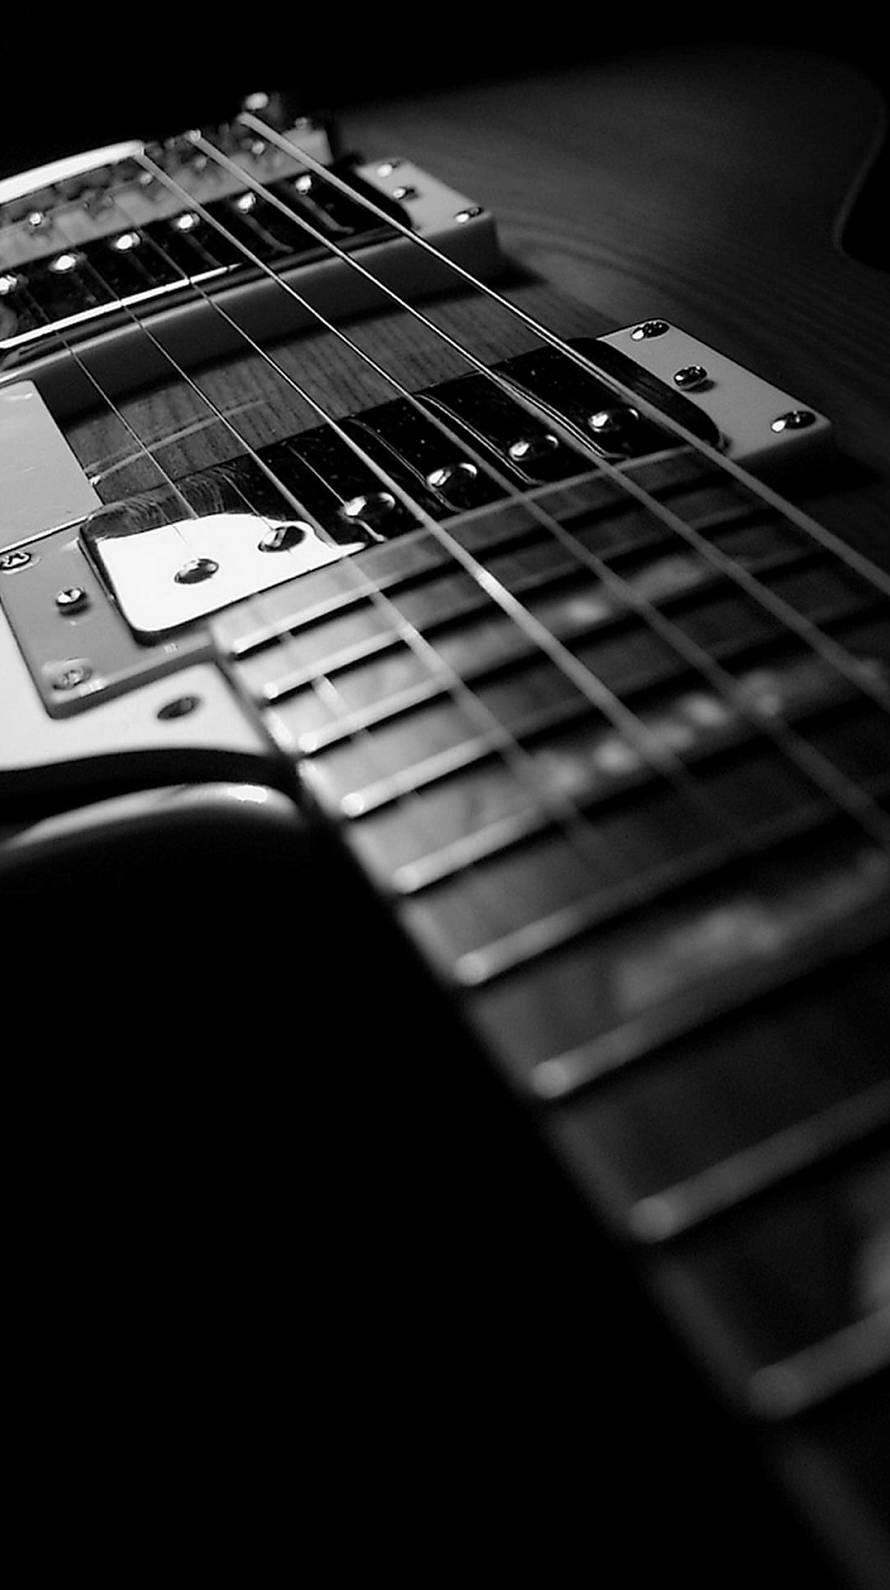 モノクロのギター Iphone6壁紙 Wallpaperbox